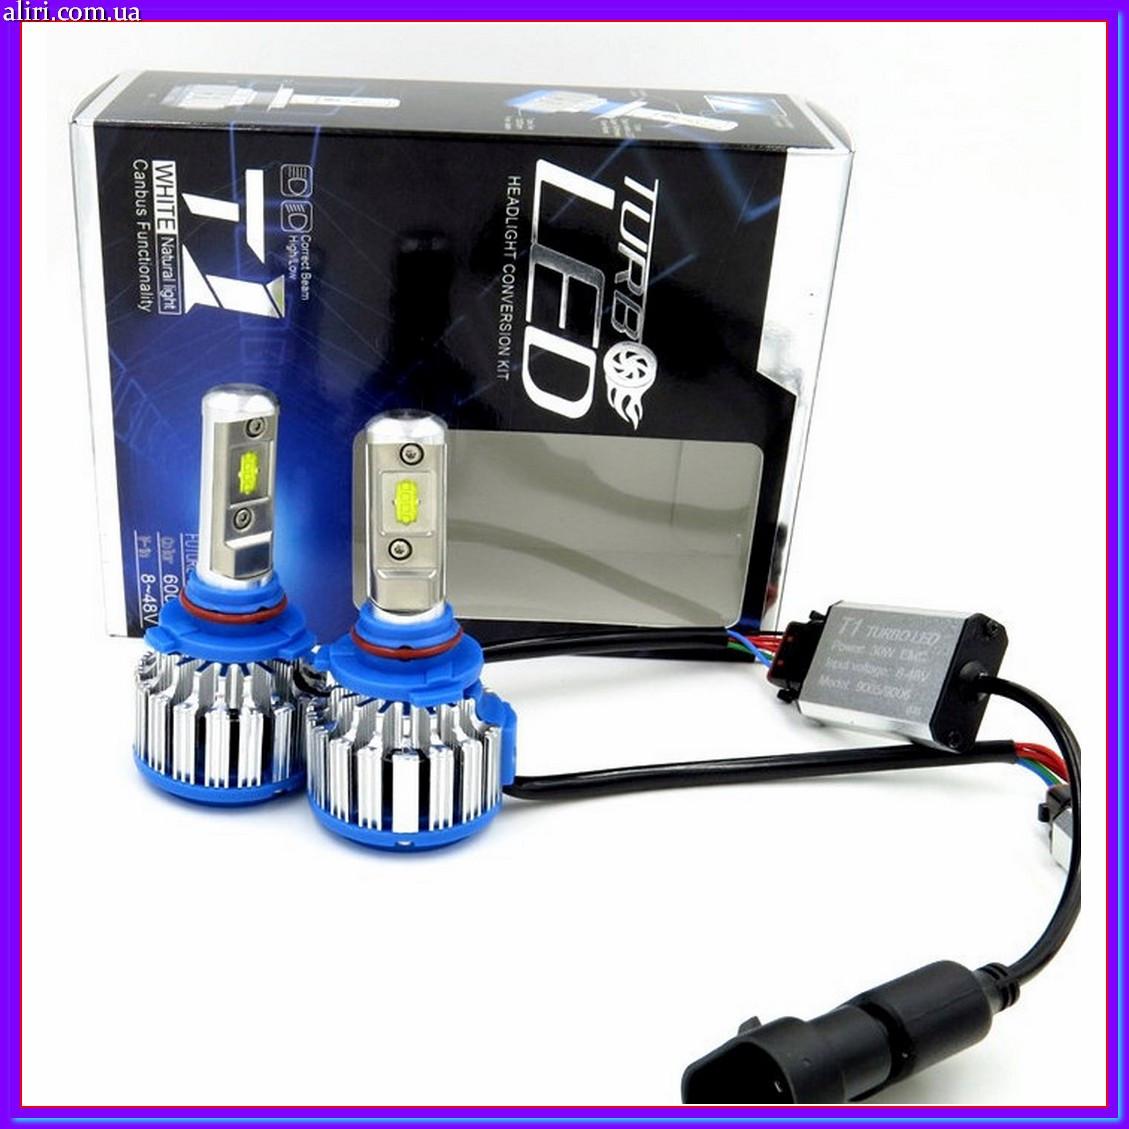 Led лампы для авто,Ксенон Xenon T1-H4 Turbo LED фары 6000К